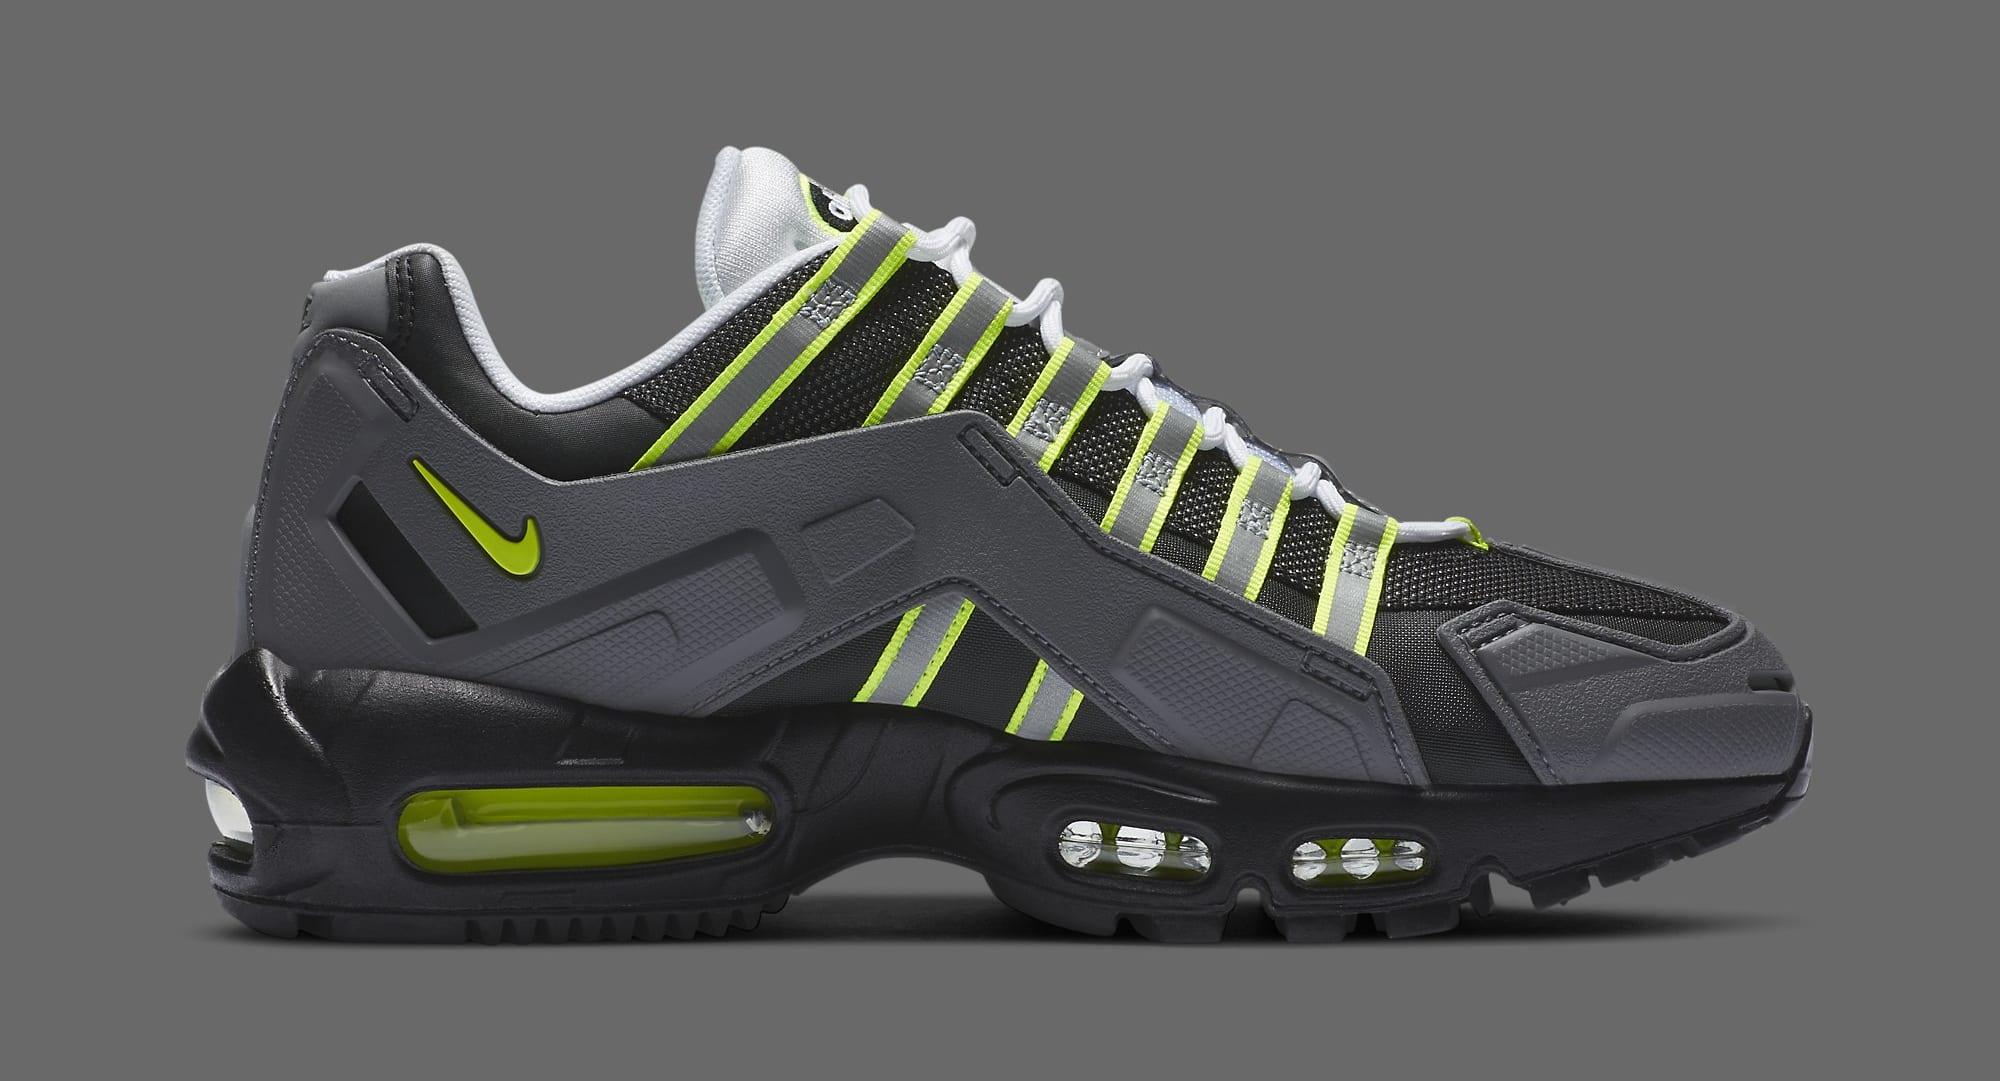 Nike Air Max 95 NDSTRKT 'Neon' CZ3591-002 Medial